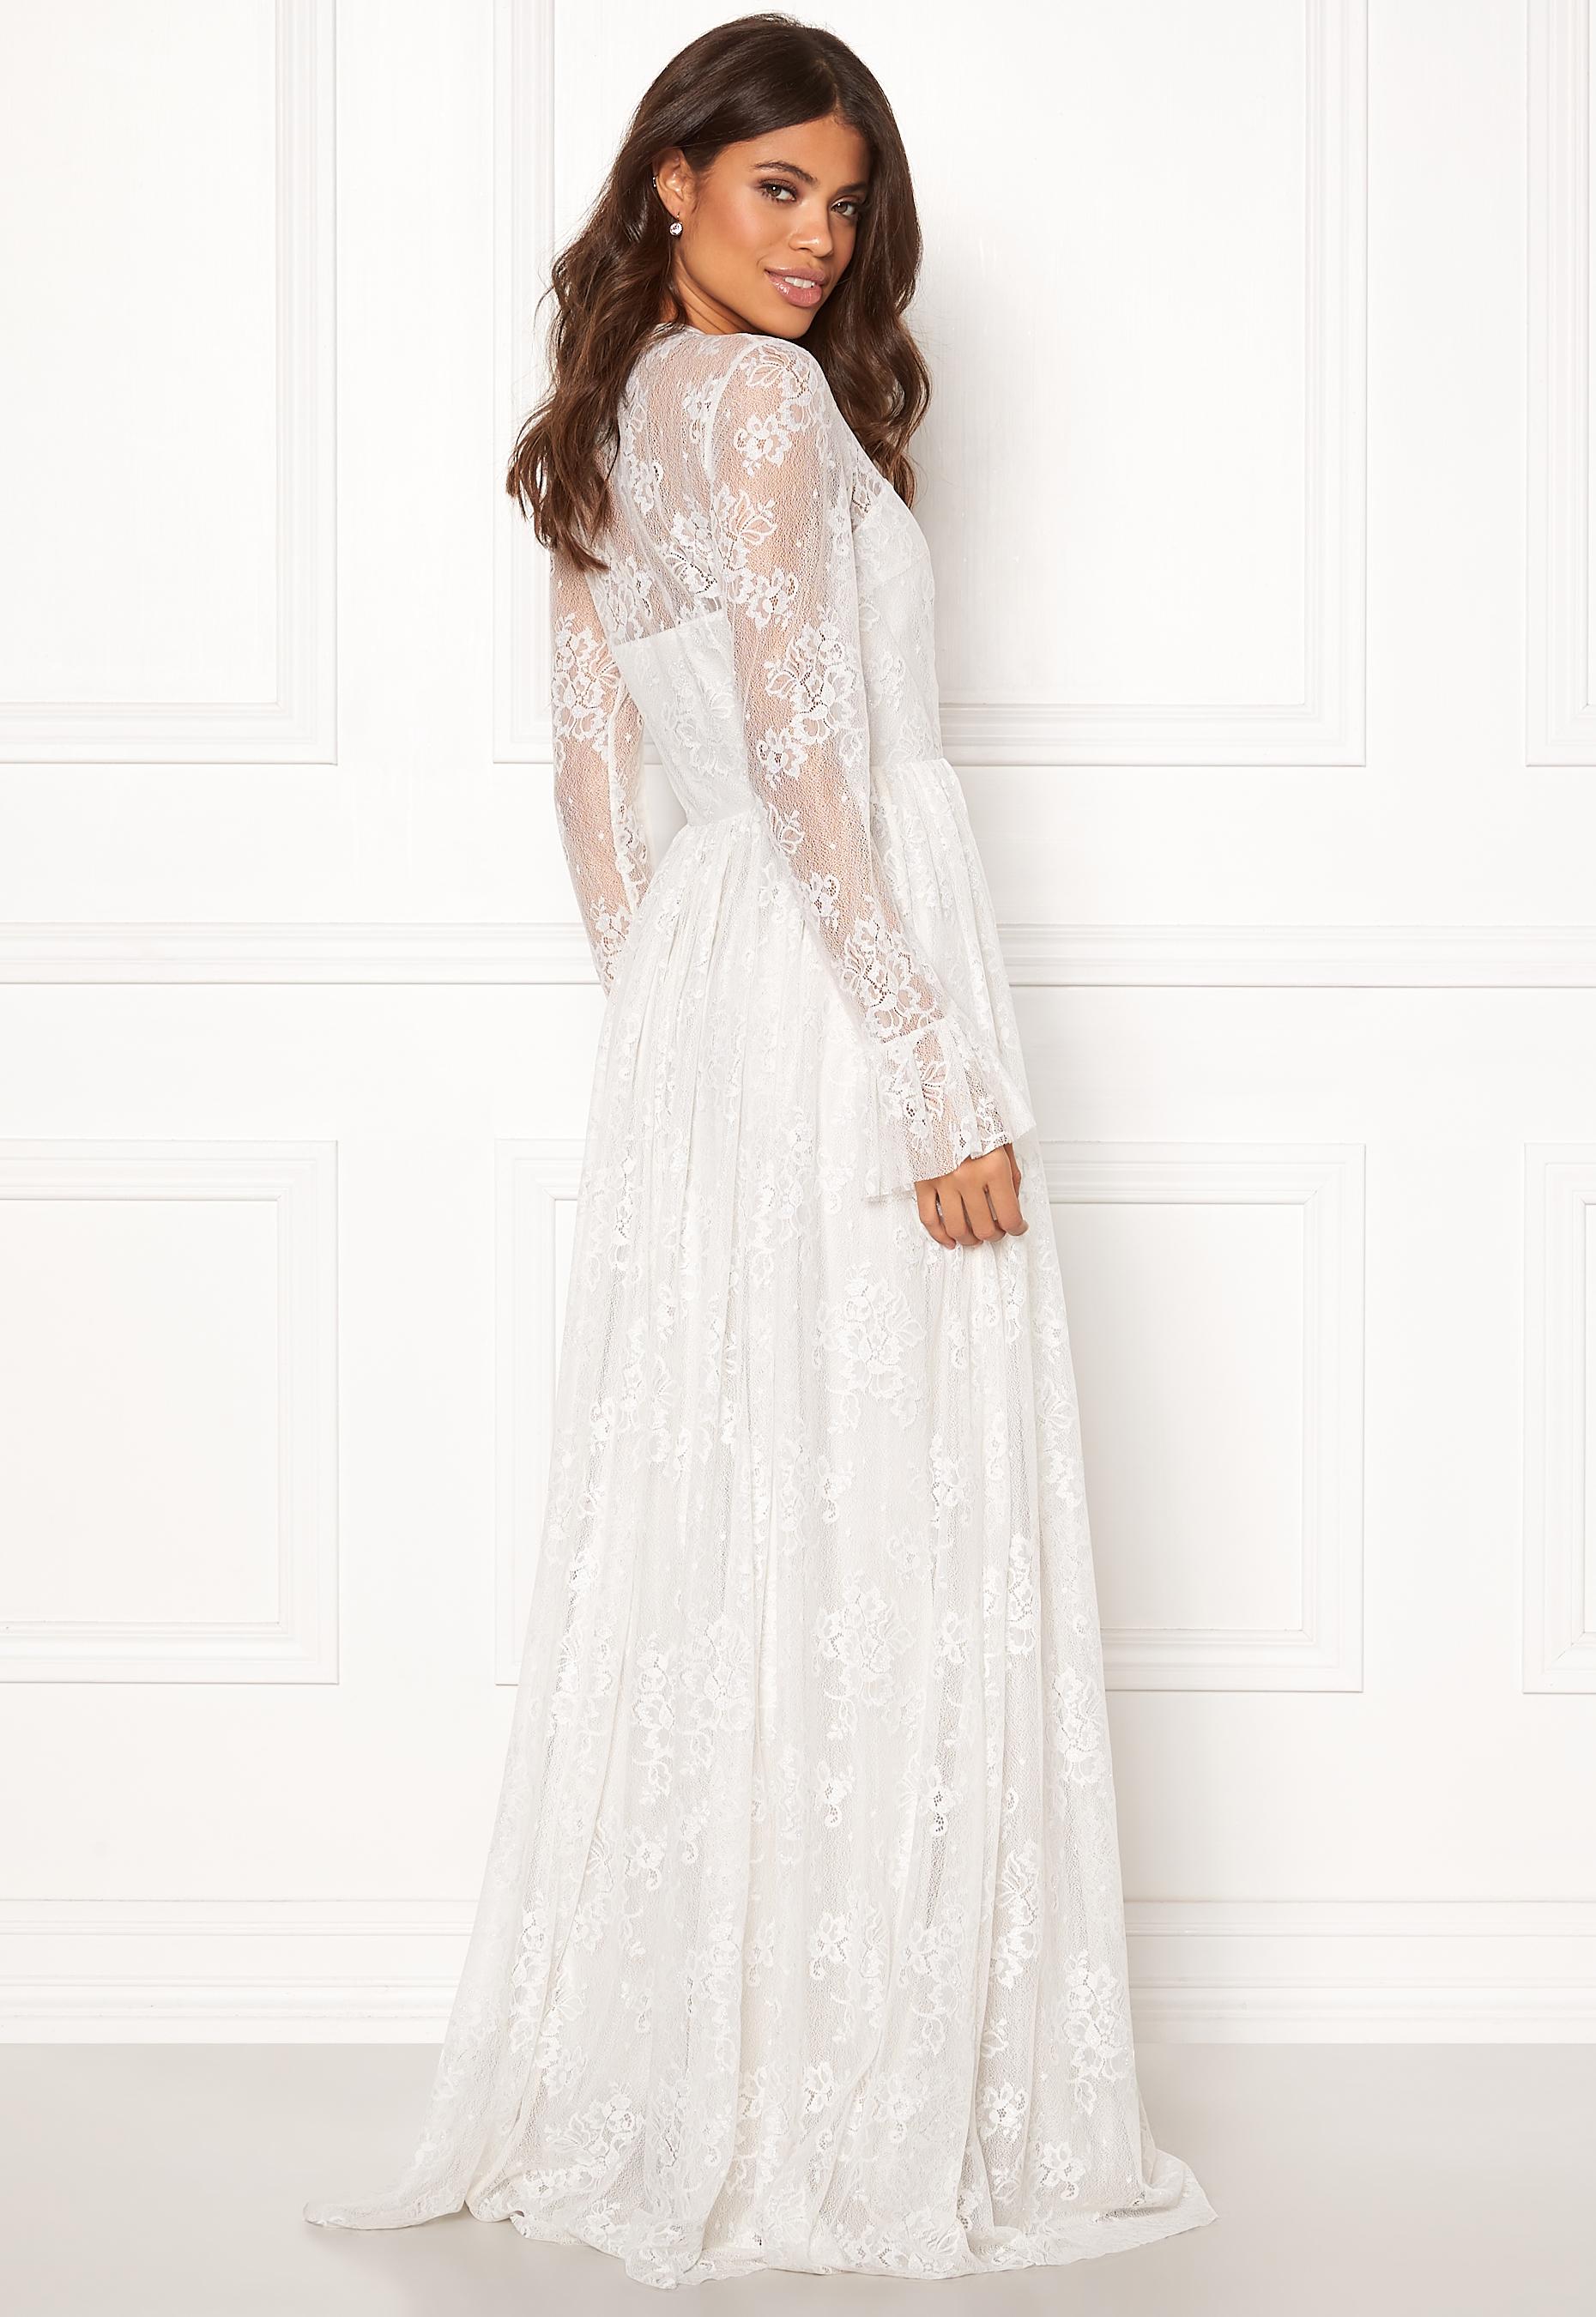 99d0e9a6c232 Ida Sjöstedt Statue Dress Soft Lace White - Bubbleroom